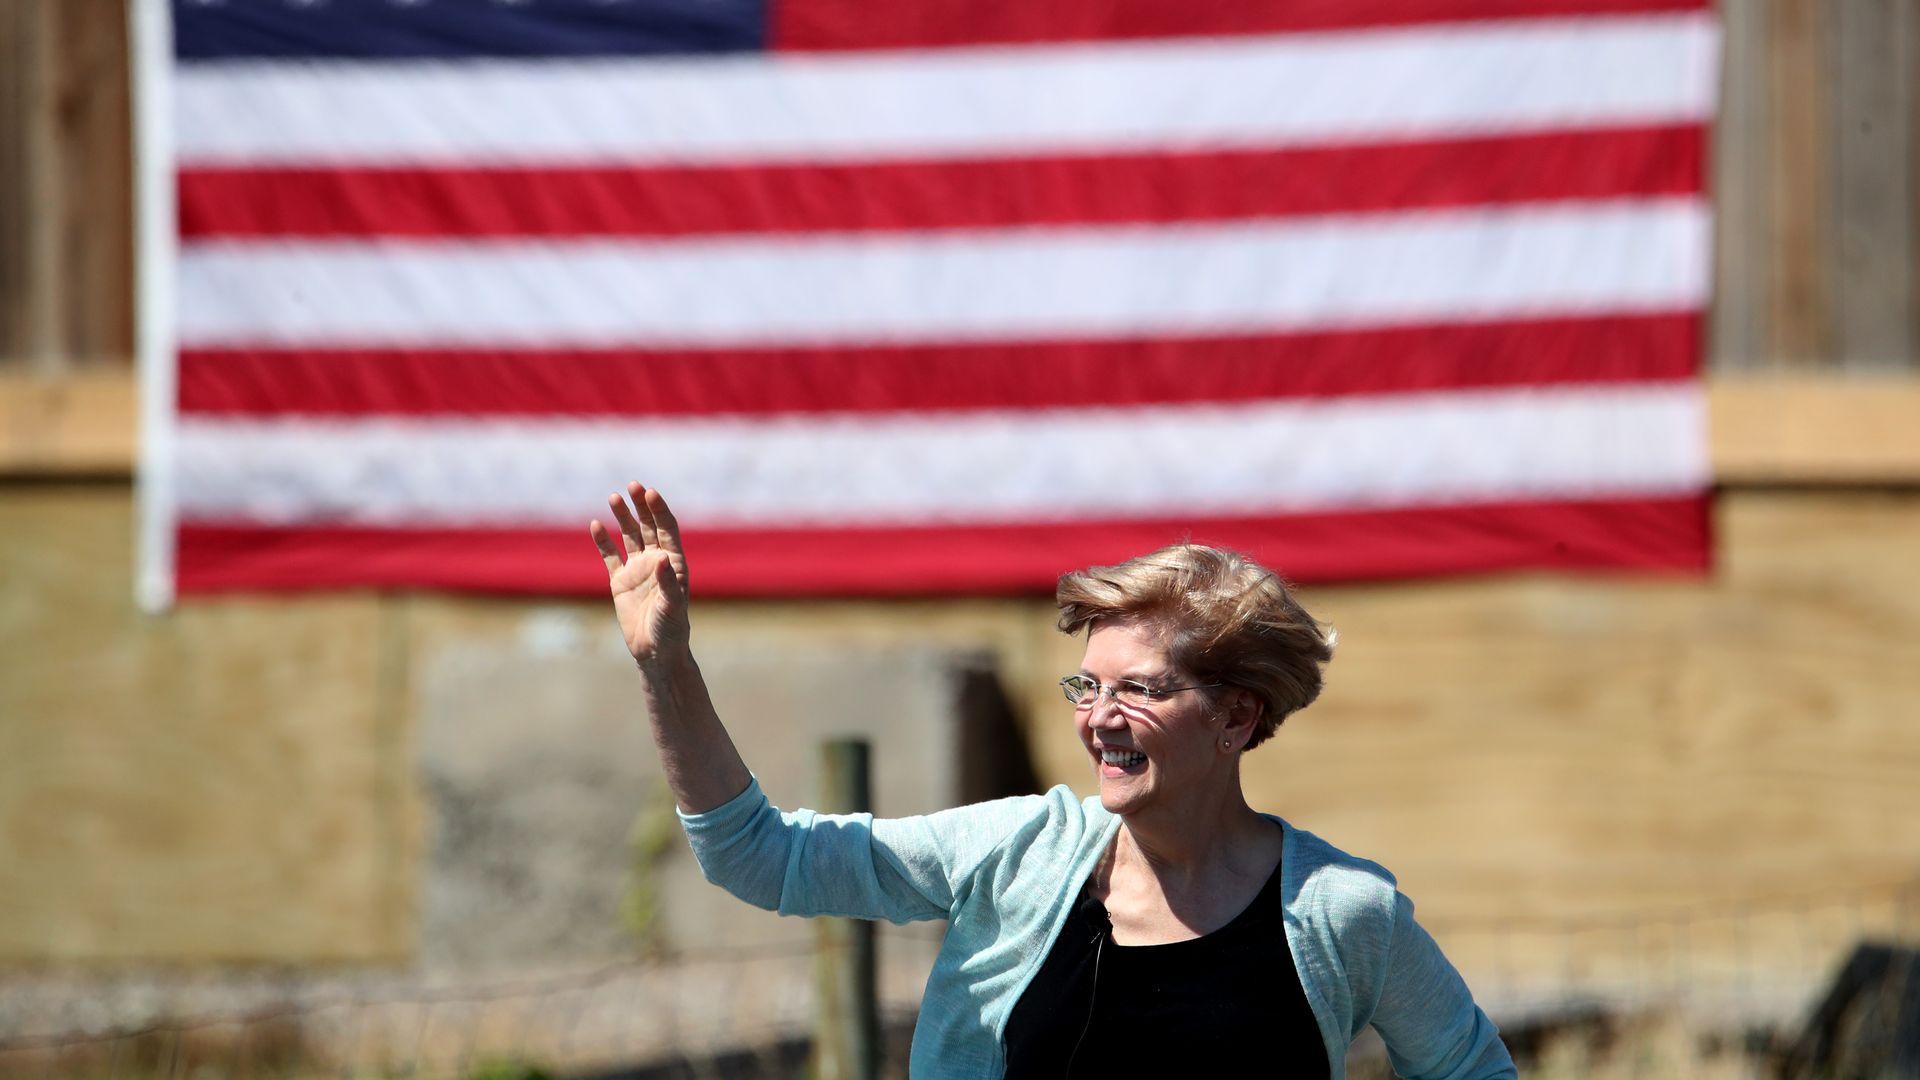 Elizabeth Warren waves in front of an American flag.